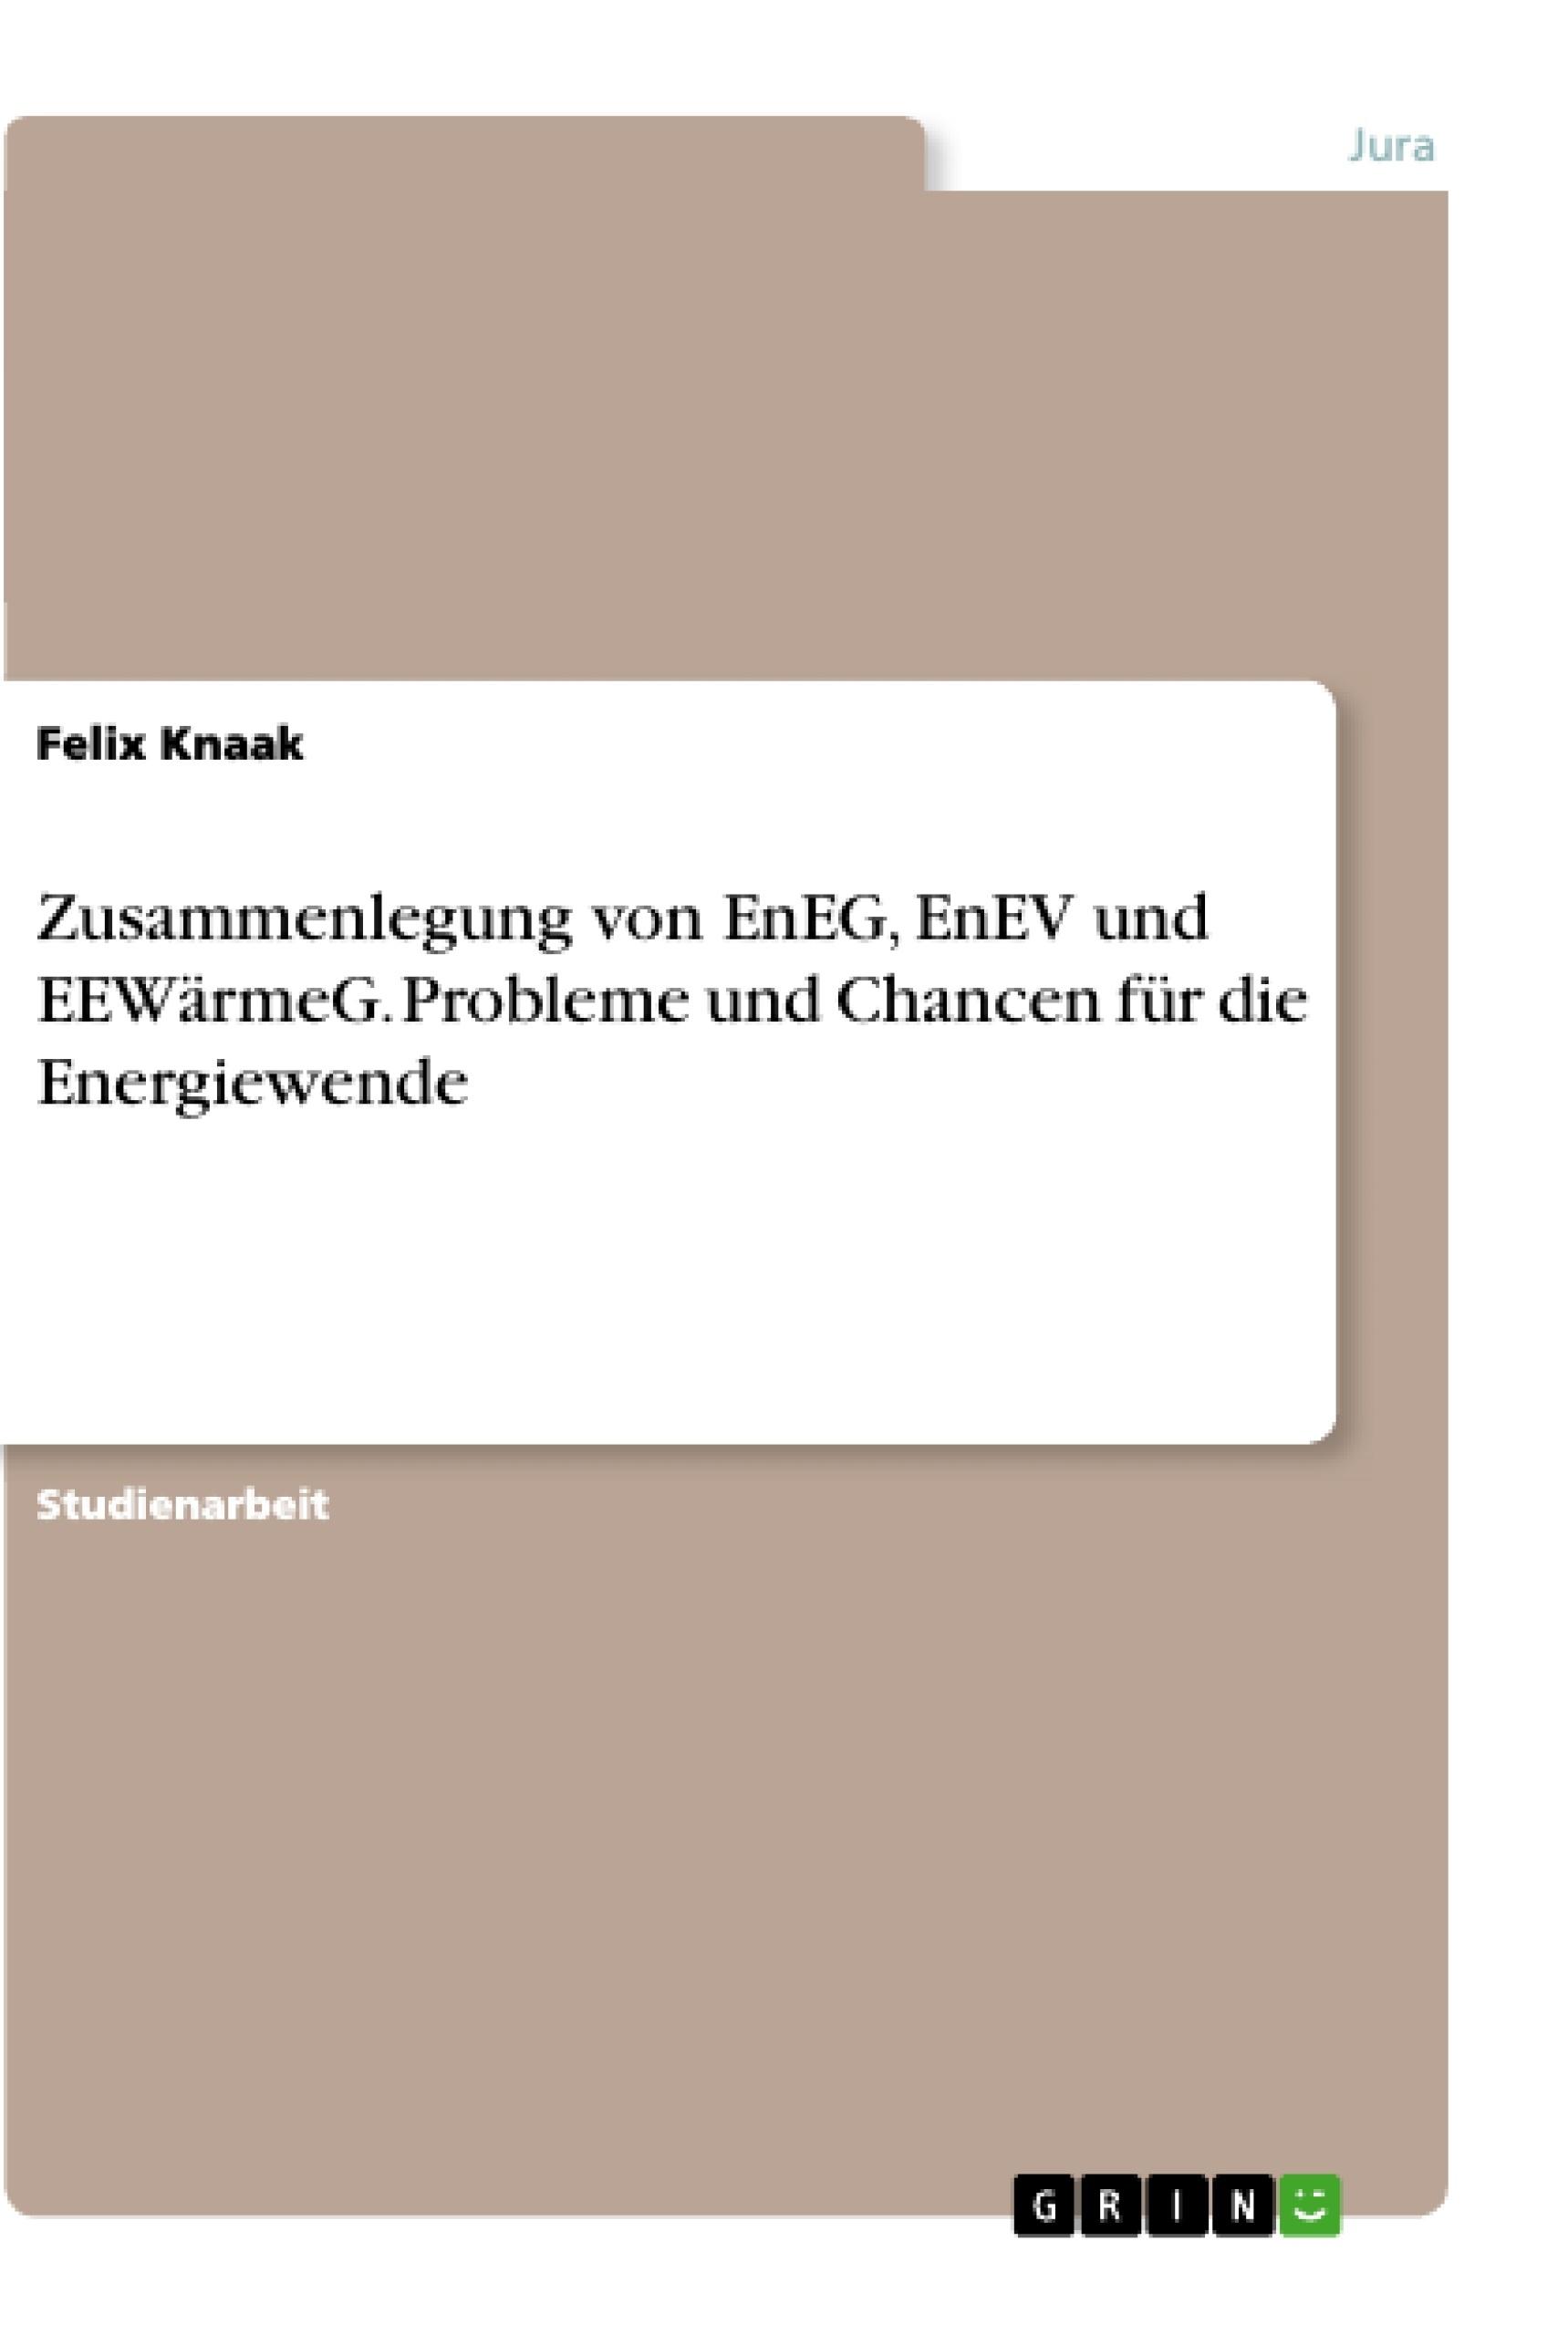 Titel: Zusammenlegung von EnEG, EnEV und EEWärmeG. Probleme und Chancen für die Energiewende